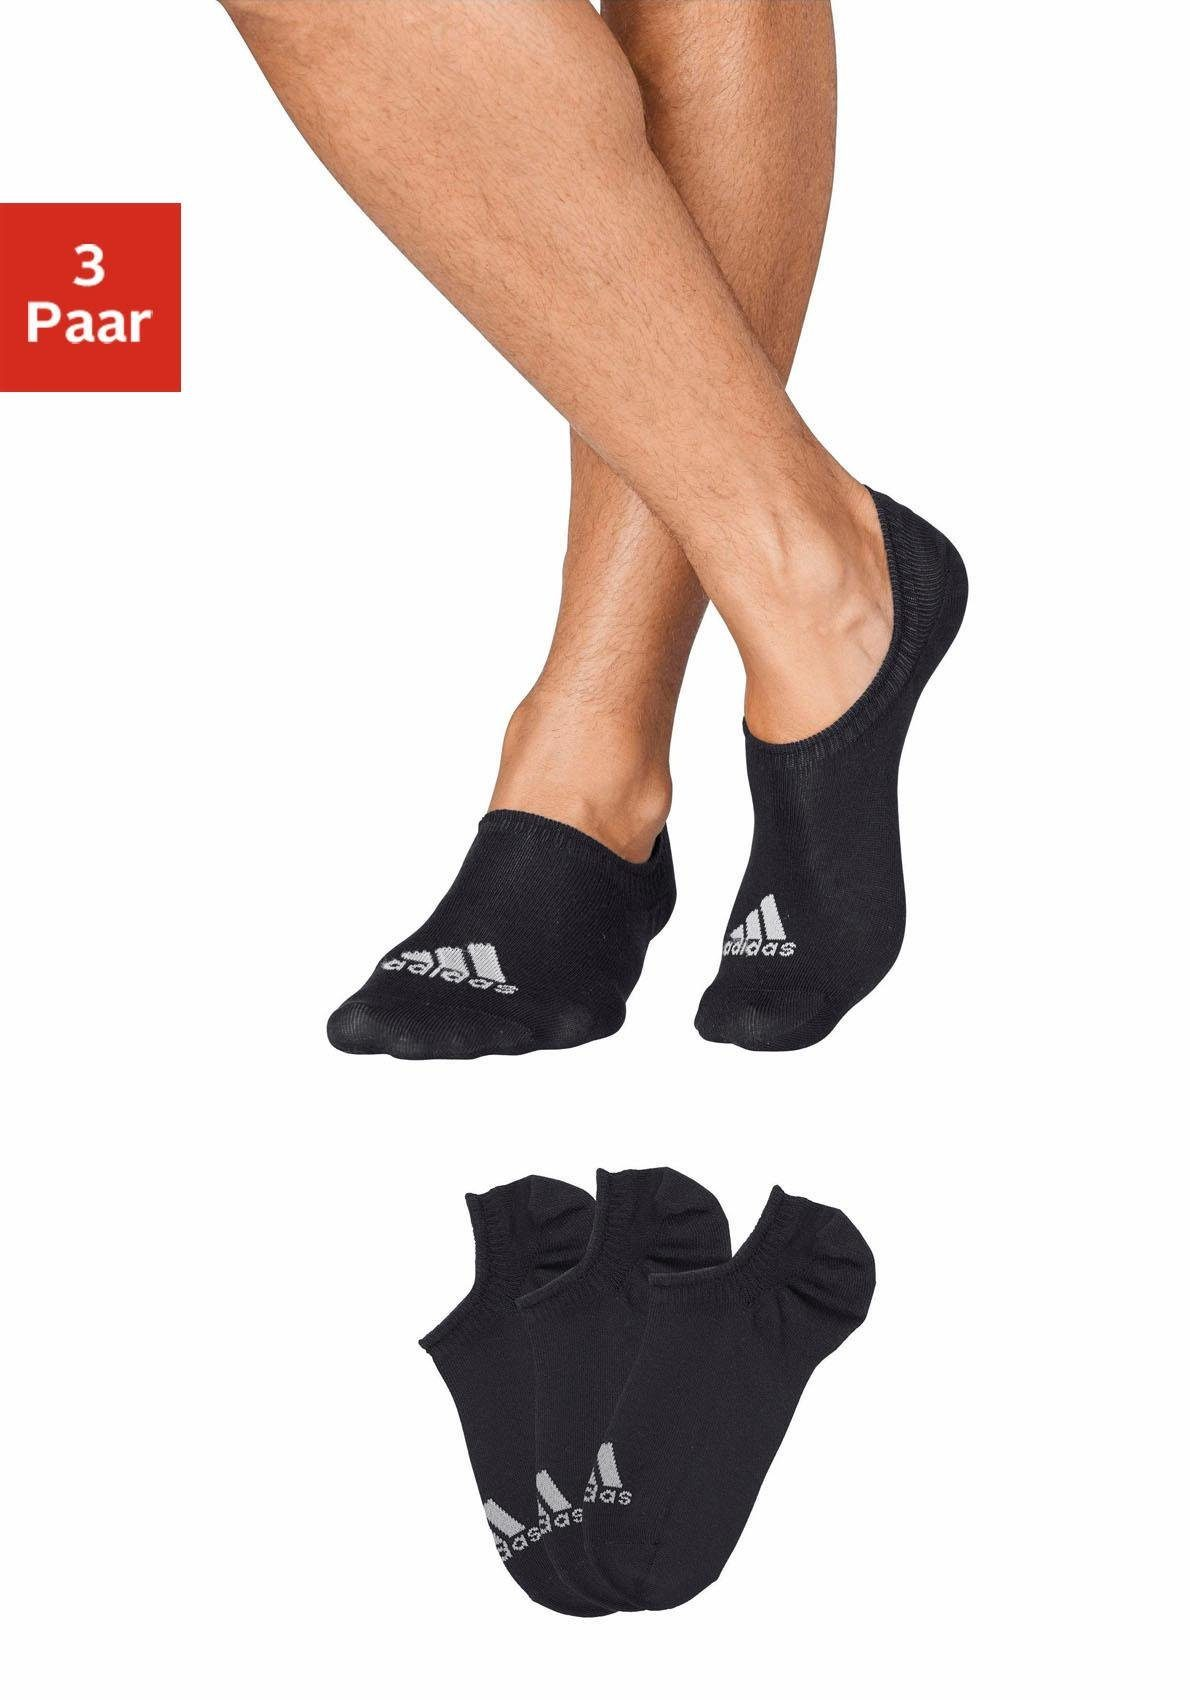 Online Im Schuh Füßlinge3 Adidas PaarVerschwinden KaufenOtto Performance 8O0Pknw